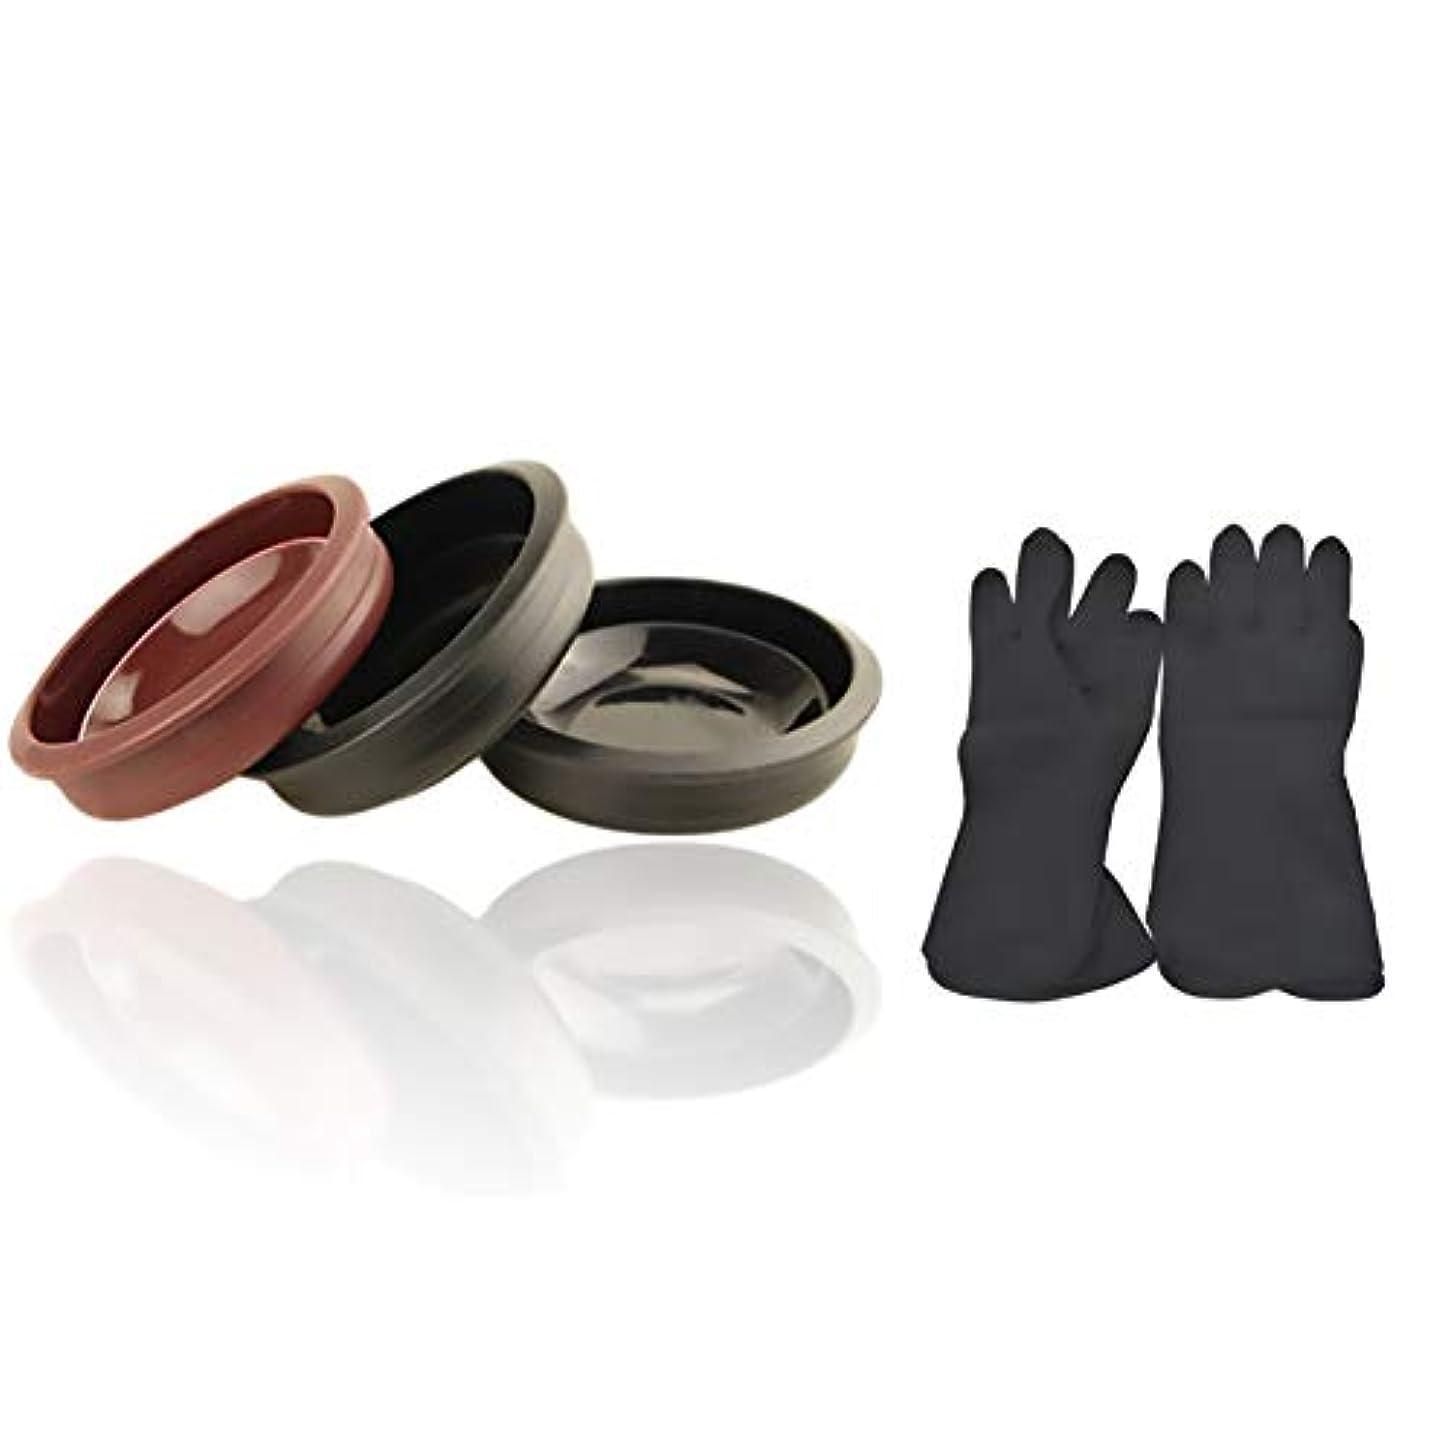 医療過誤ミュートアンデス山脈Tofover 3ピースヘアカラーミキシングボウルと20カウントヘアダイ手袋、黒の再利用可能なゴム手袋、ヘアサロンヘア染色のためのプロのヘアカラーツールキット